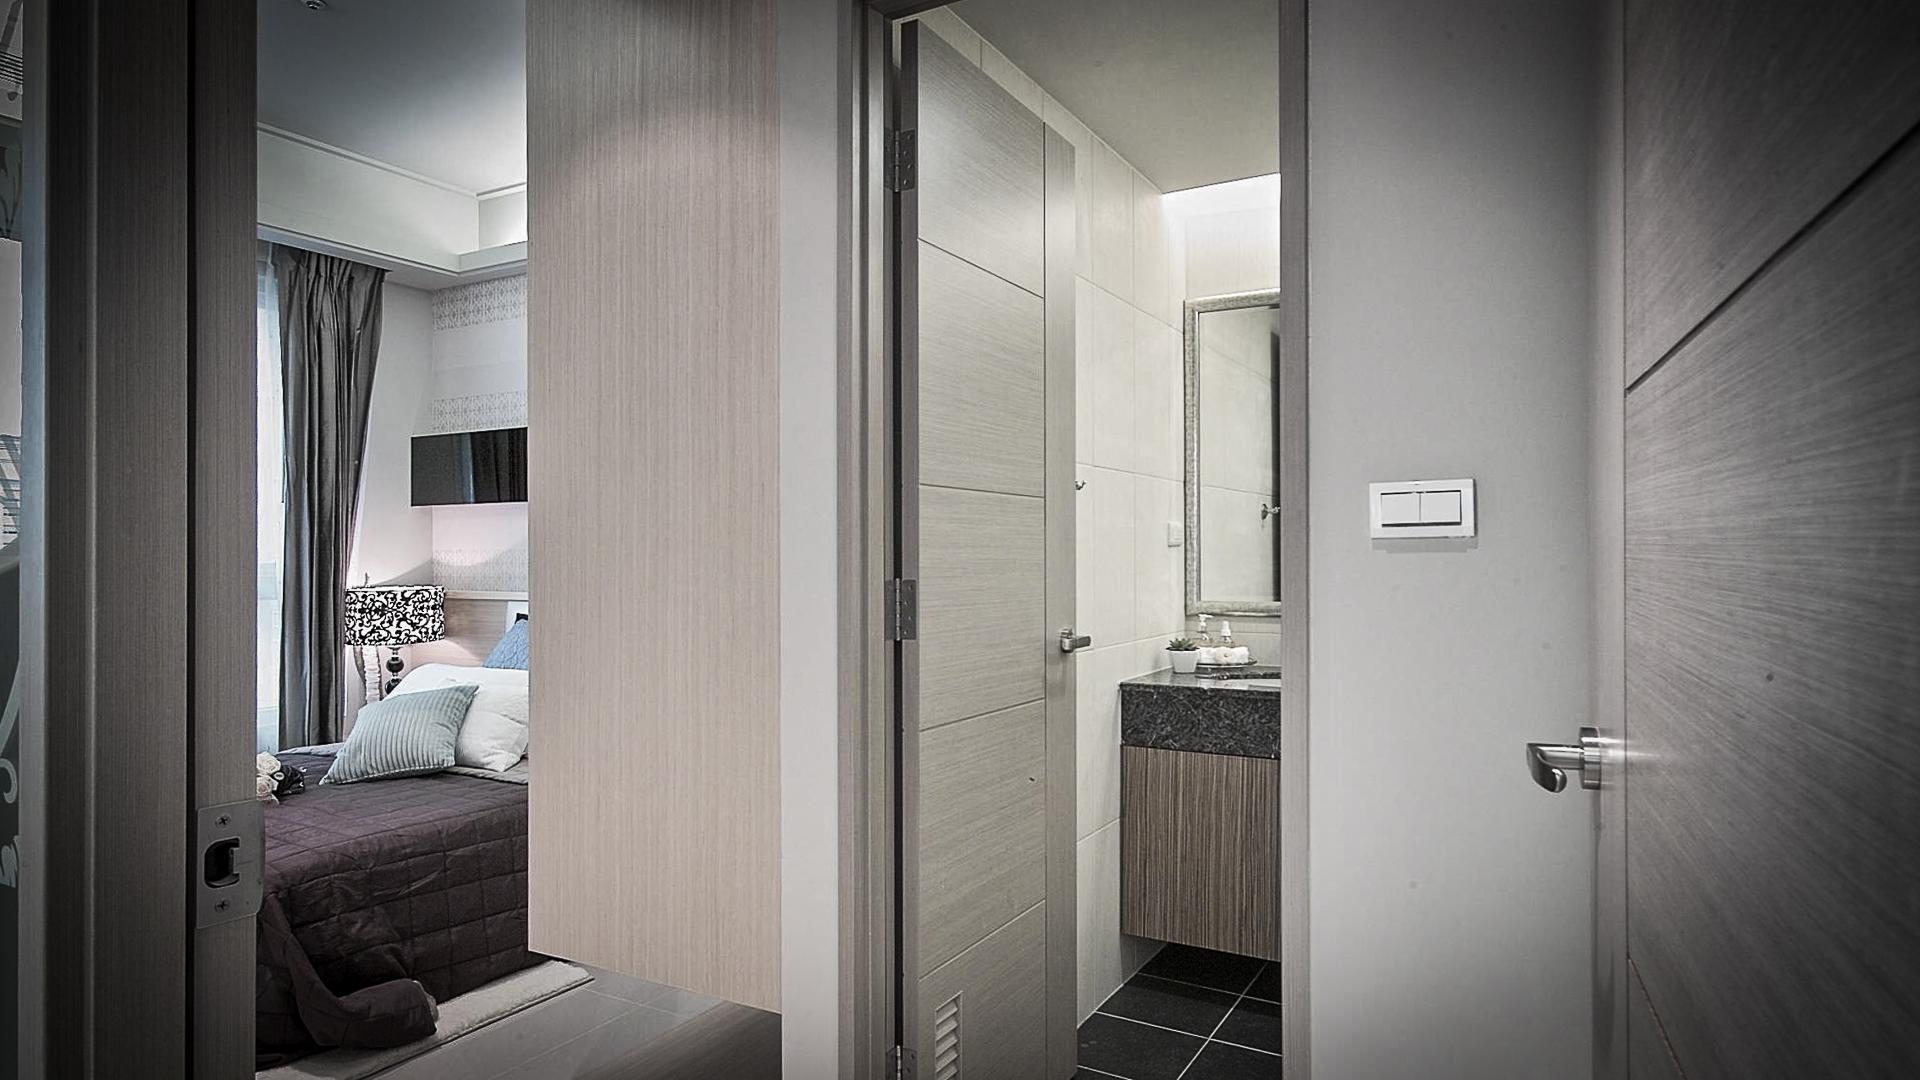 0012_室內設計師推薦風格簡約北歐風Scandinavian style-12